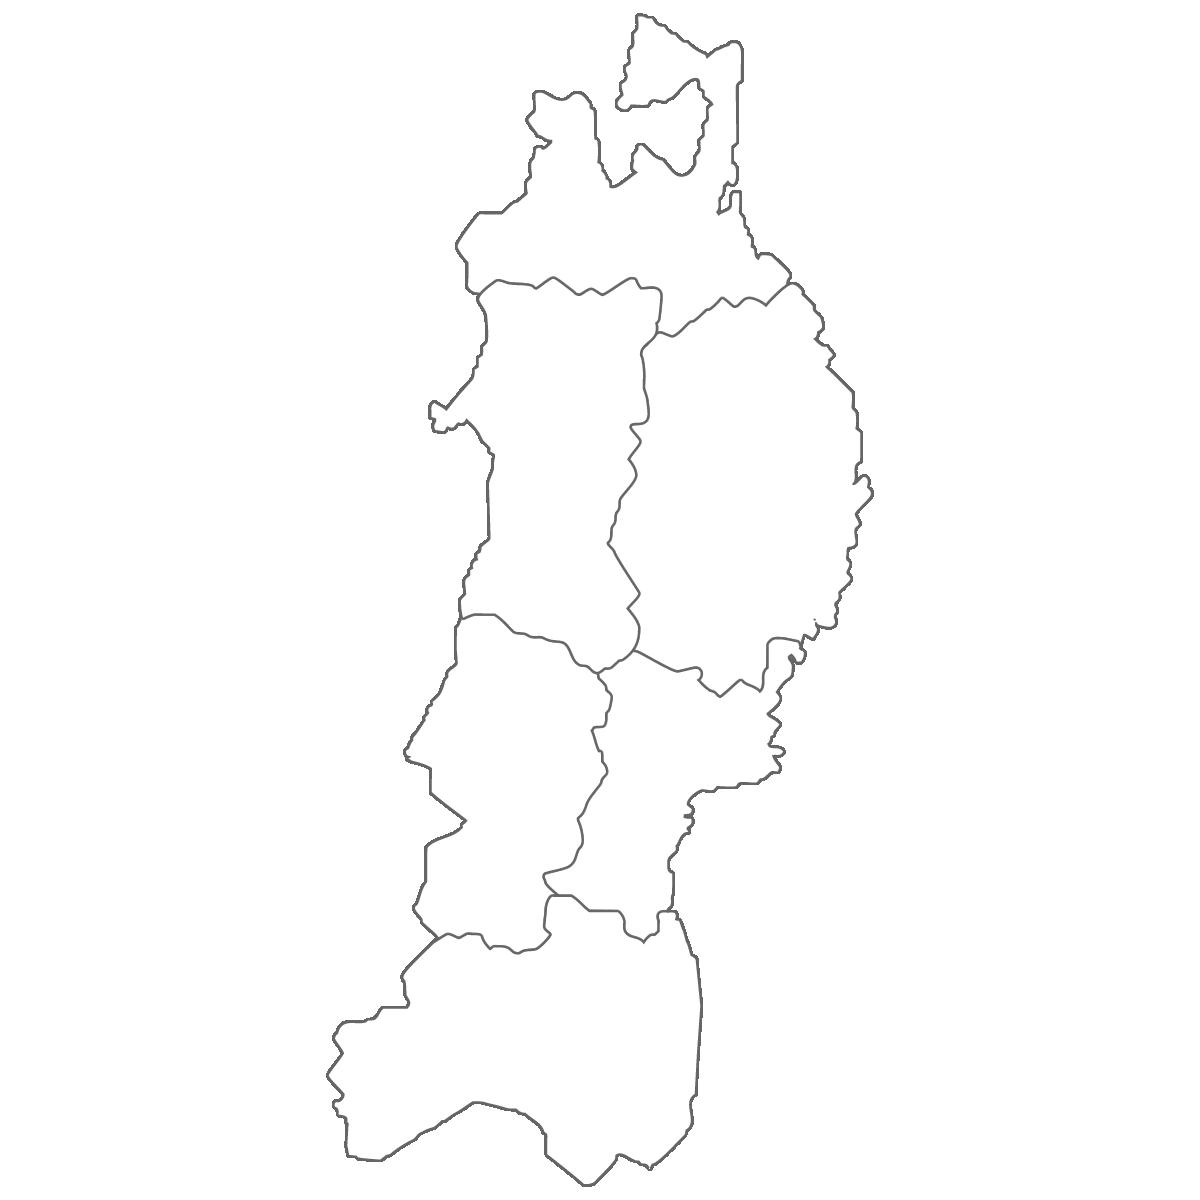 東北地方の白地図イラスト画像